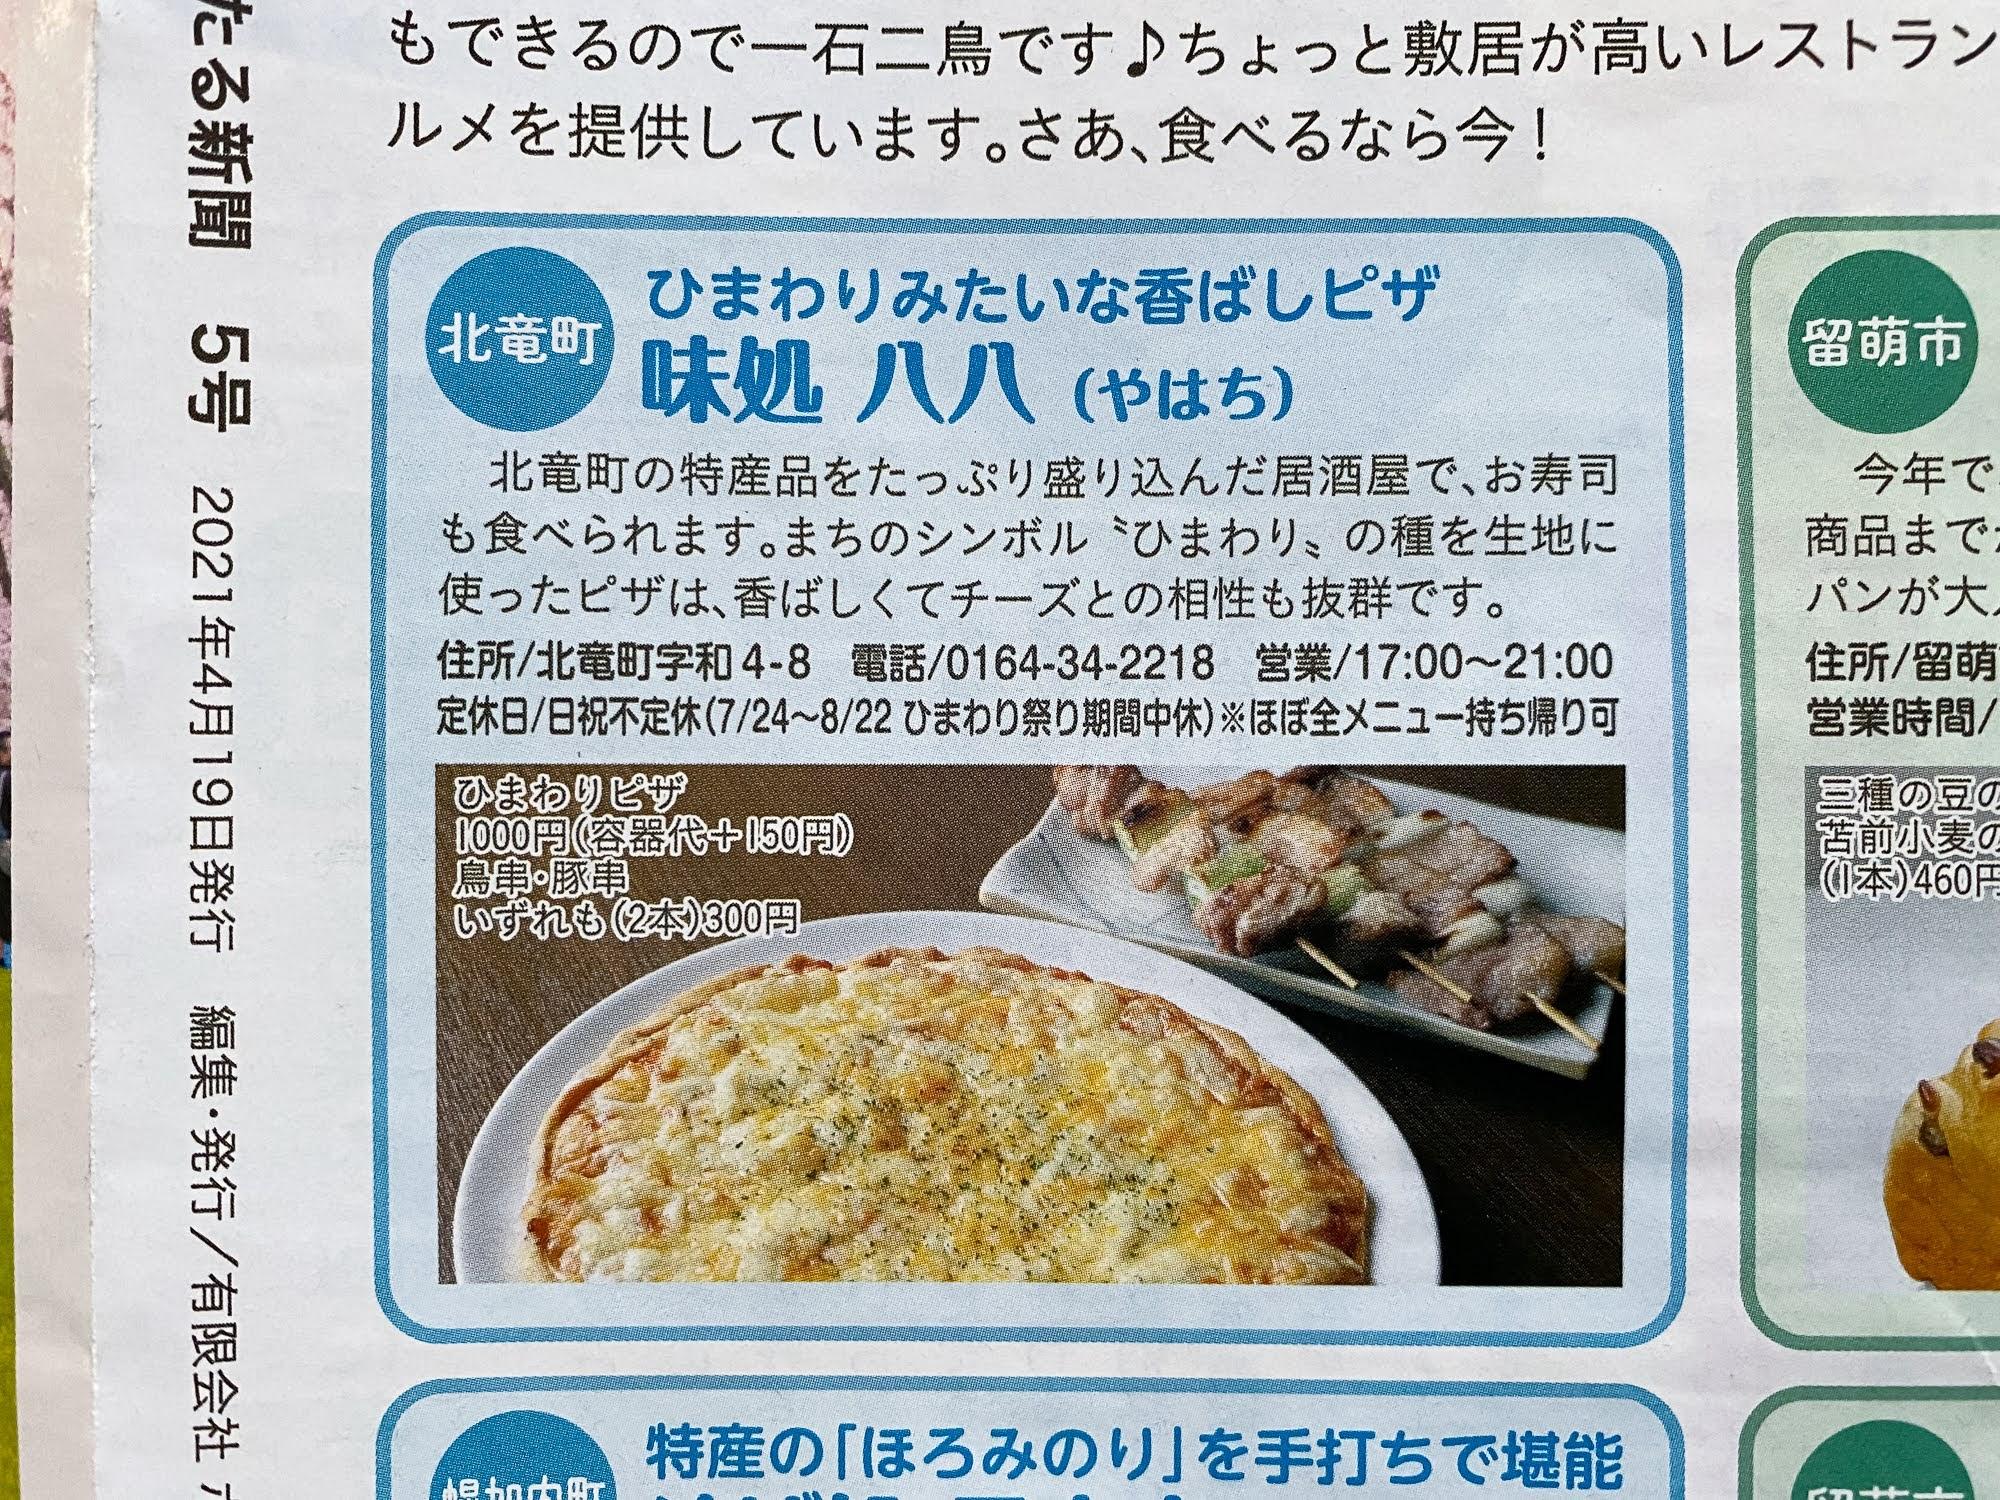 味処八八(やはち・北竜町)が『きたる新聞』5号「テイクアウトできるお店特集」で紹介されました!